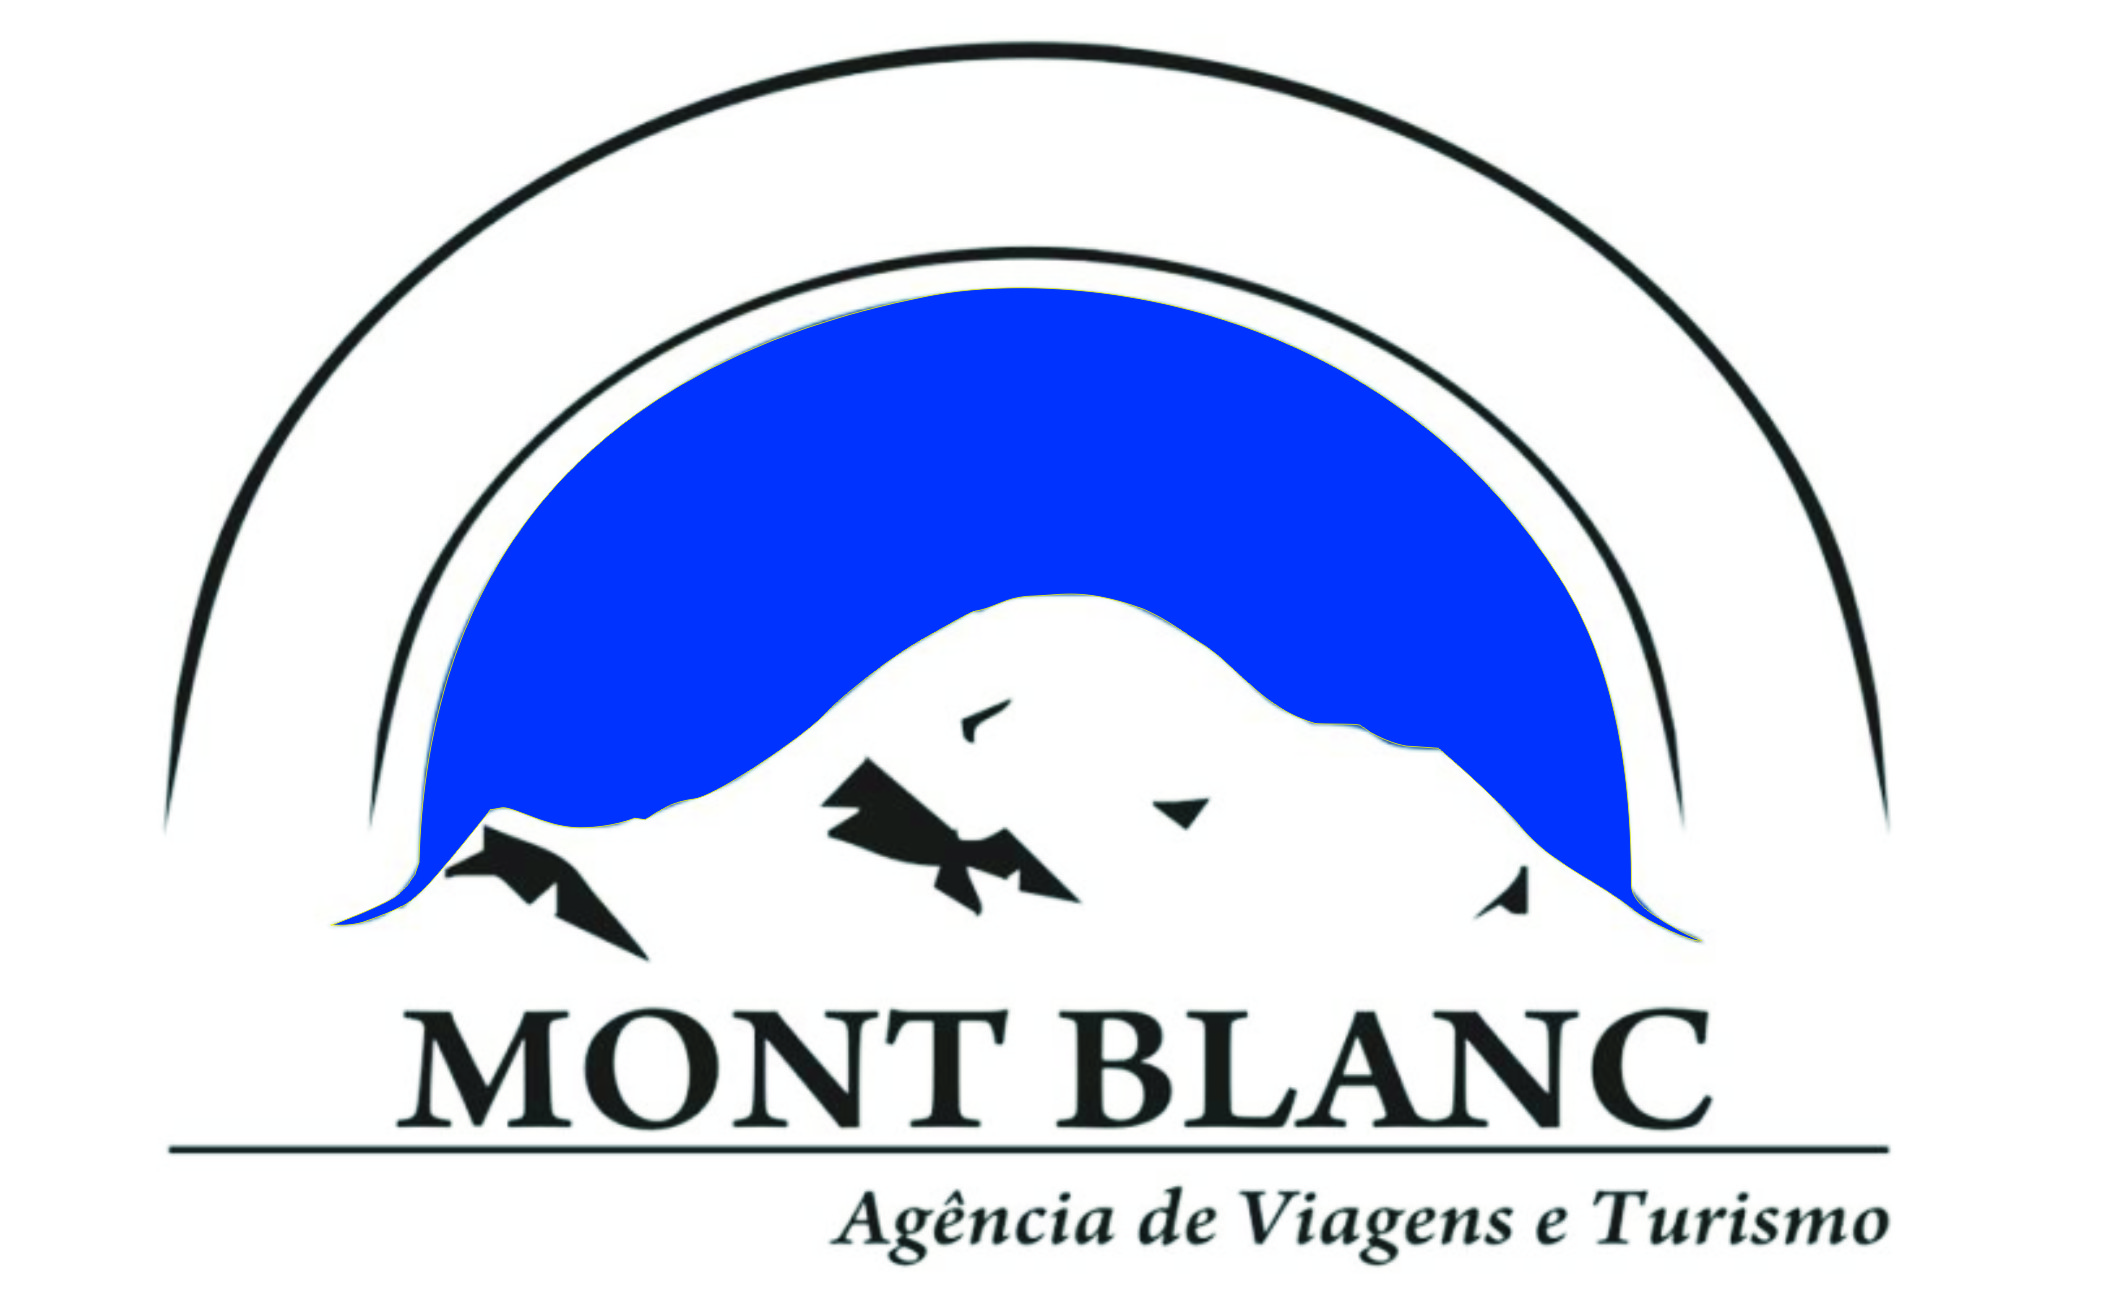 MONT BLANC AGENCIA DE VIAGENS E TURISMO